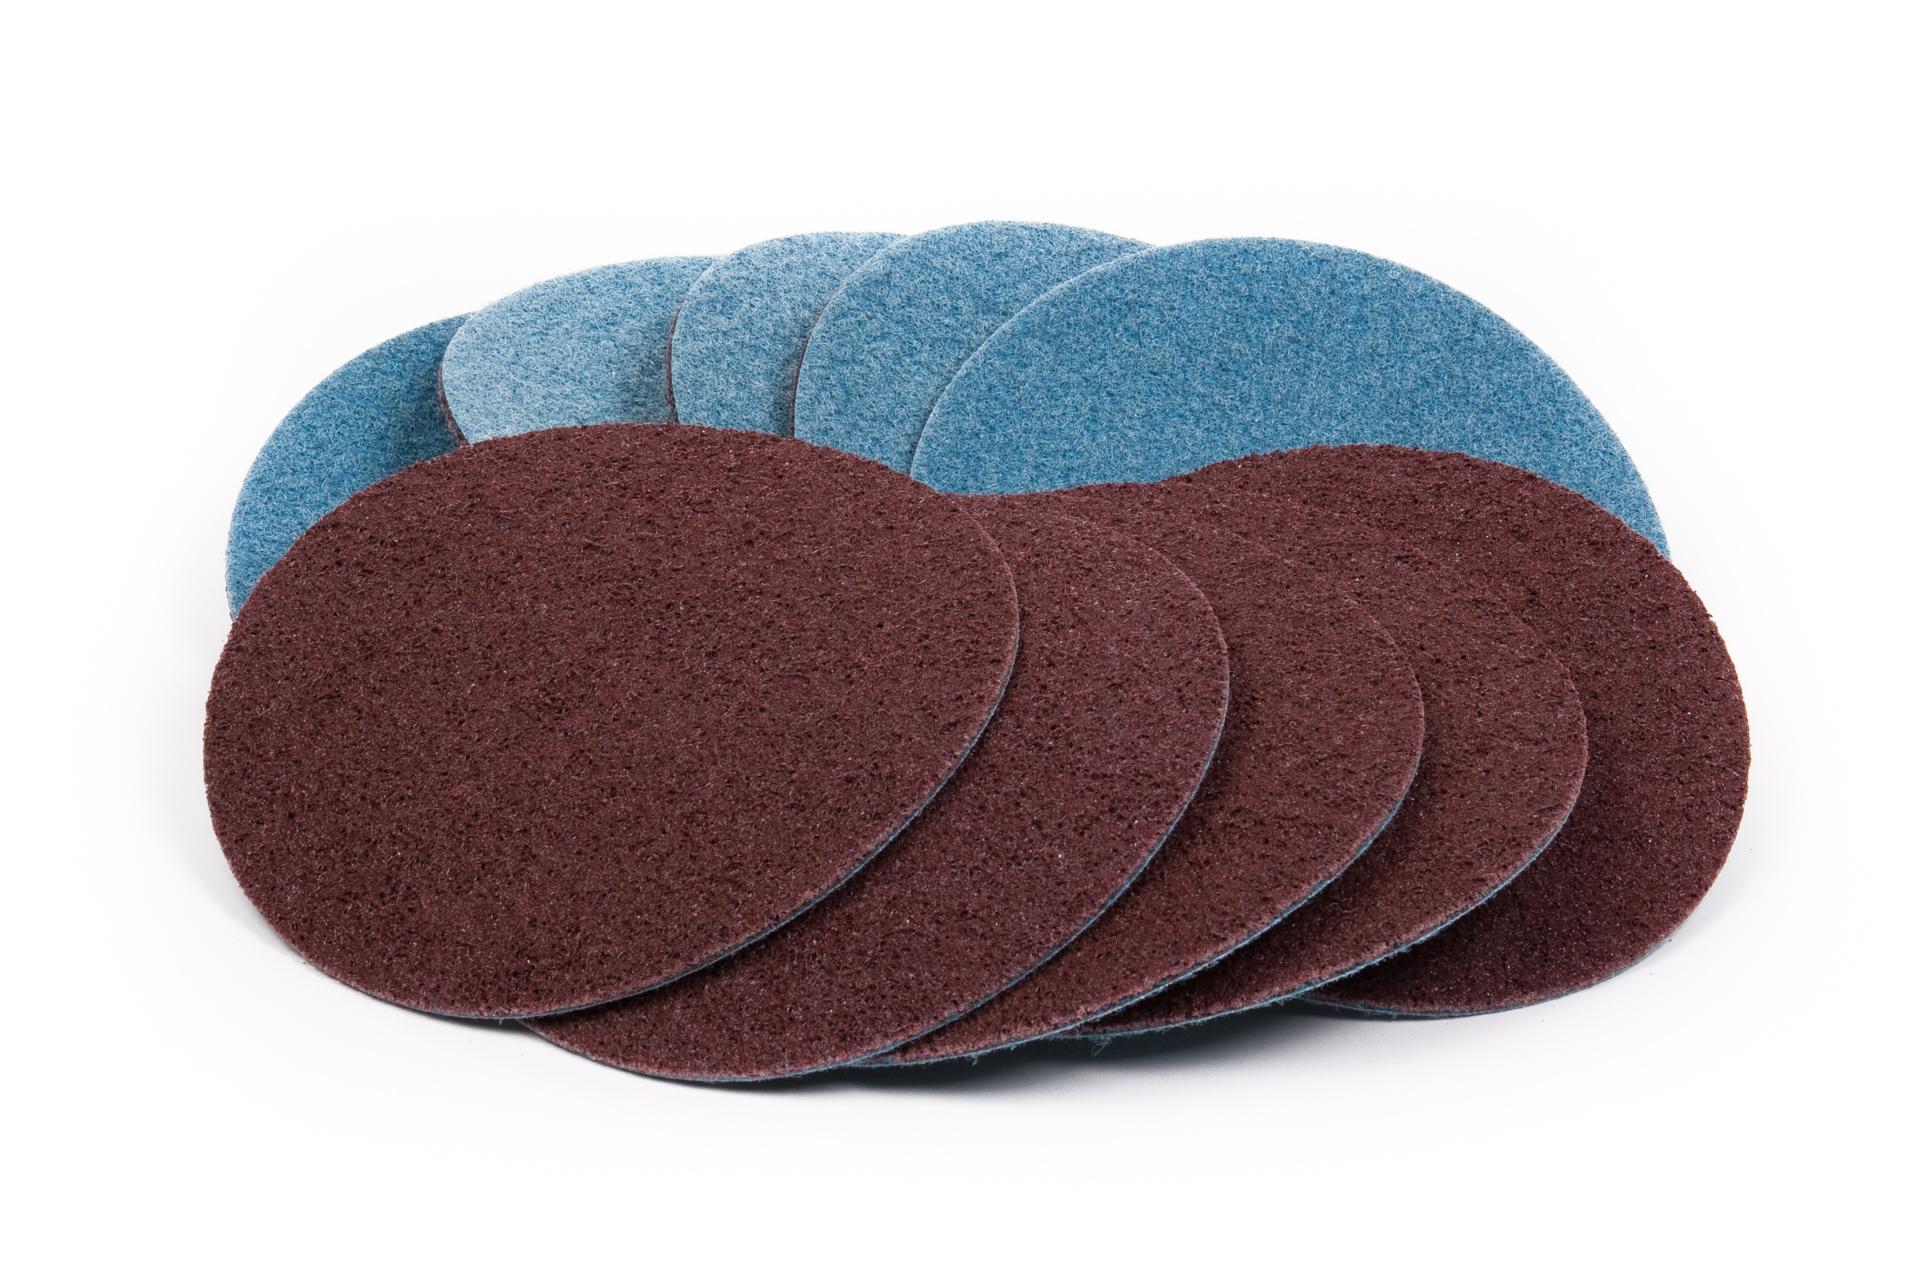 scls, schd sanding discs